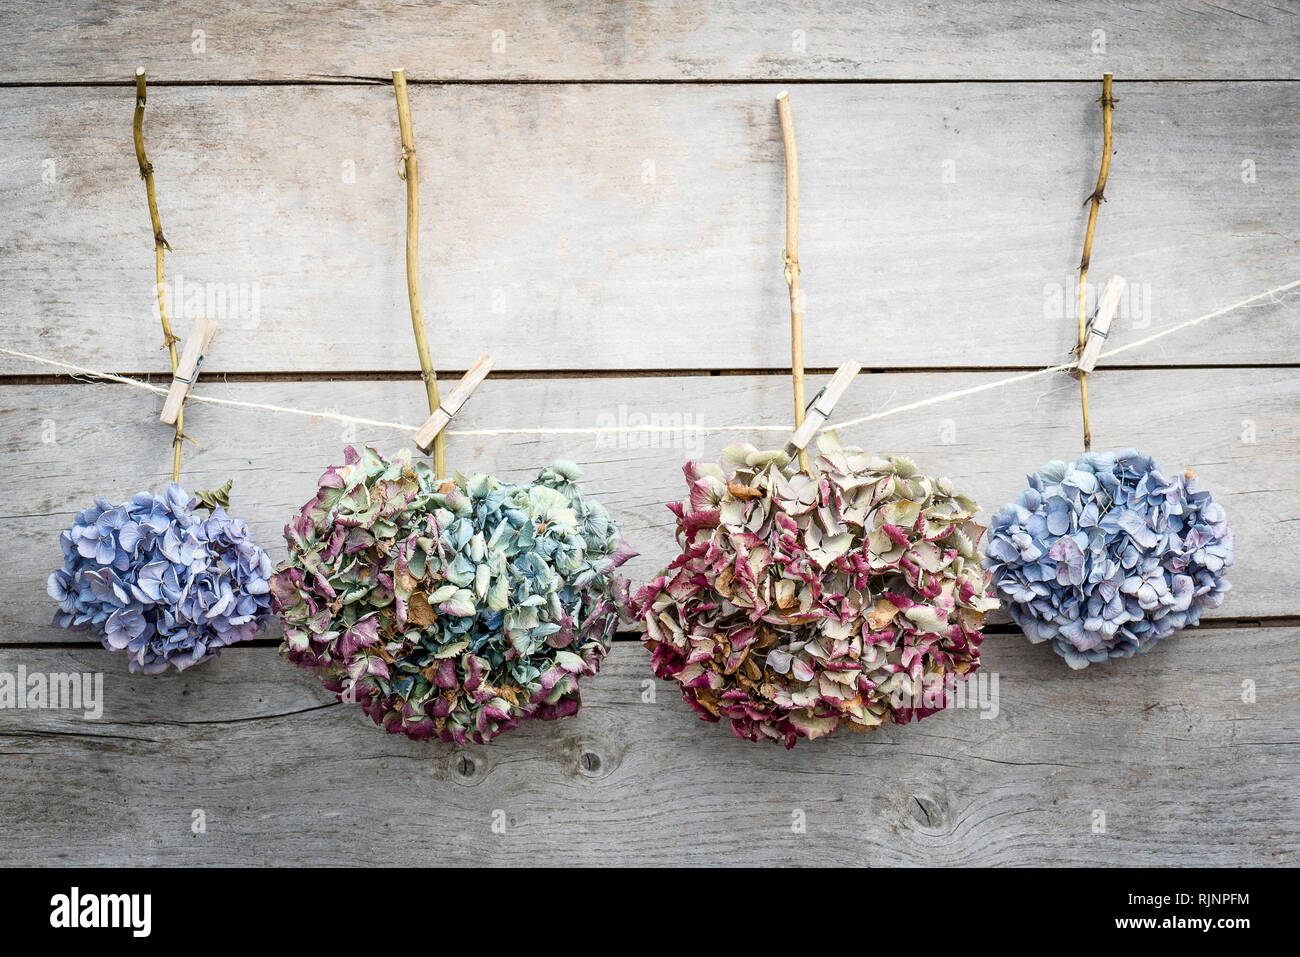 Fiori Di Ortensia Secchi secchi fiori di ortensie allegare ad una fune su uno sfondo